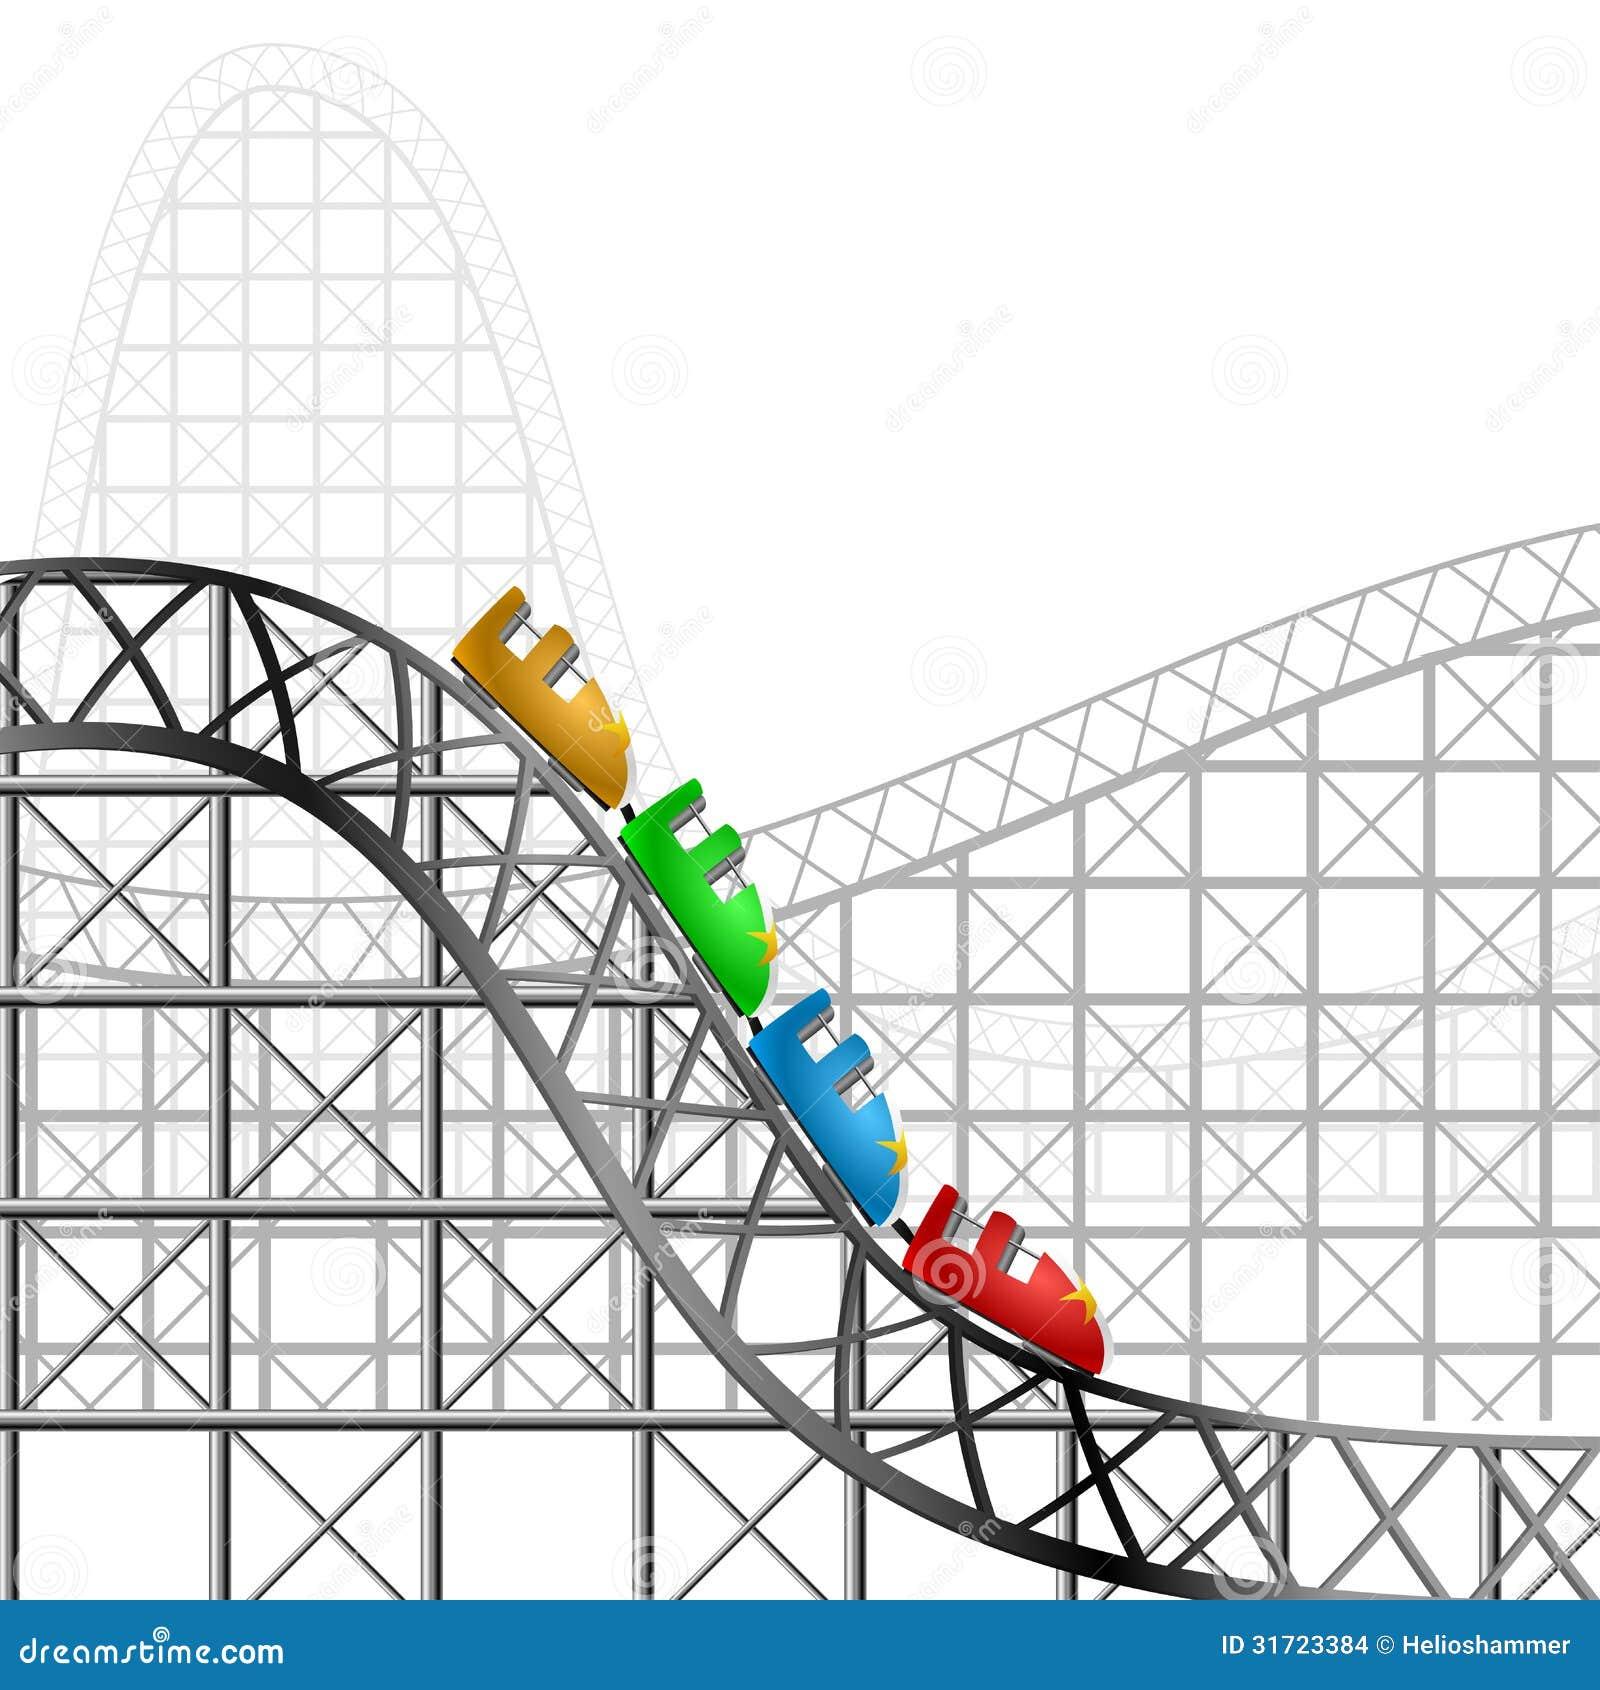 clipart roller coaster car - photo #24